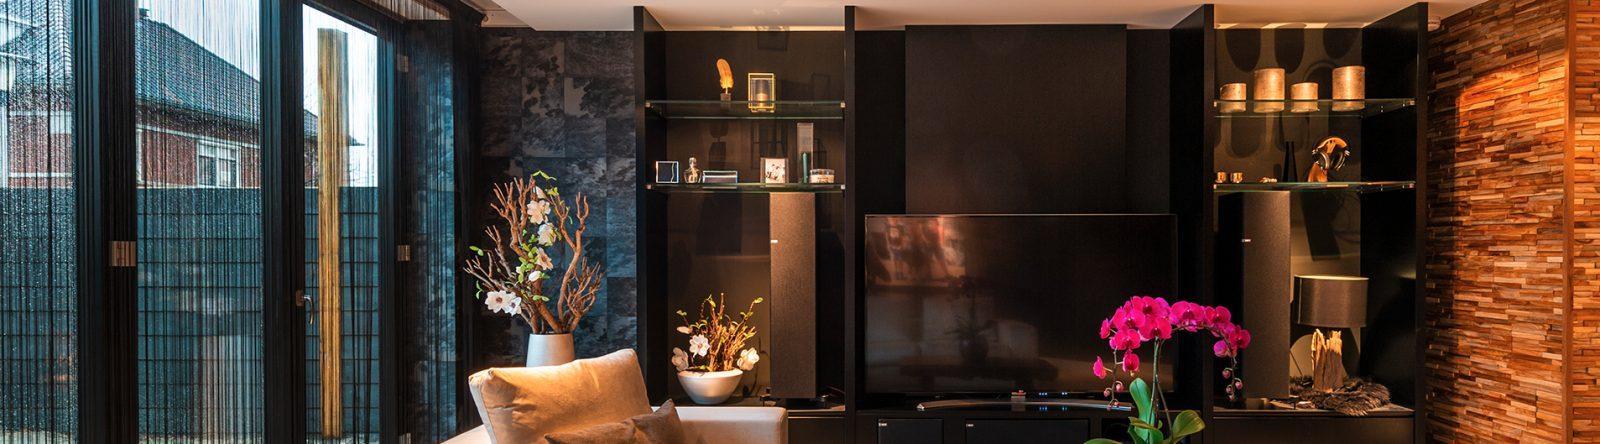 Tv meubel op maat laten maken door interieurbouwer Schiedam